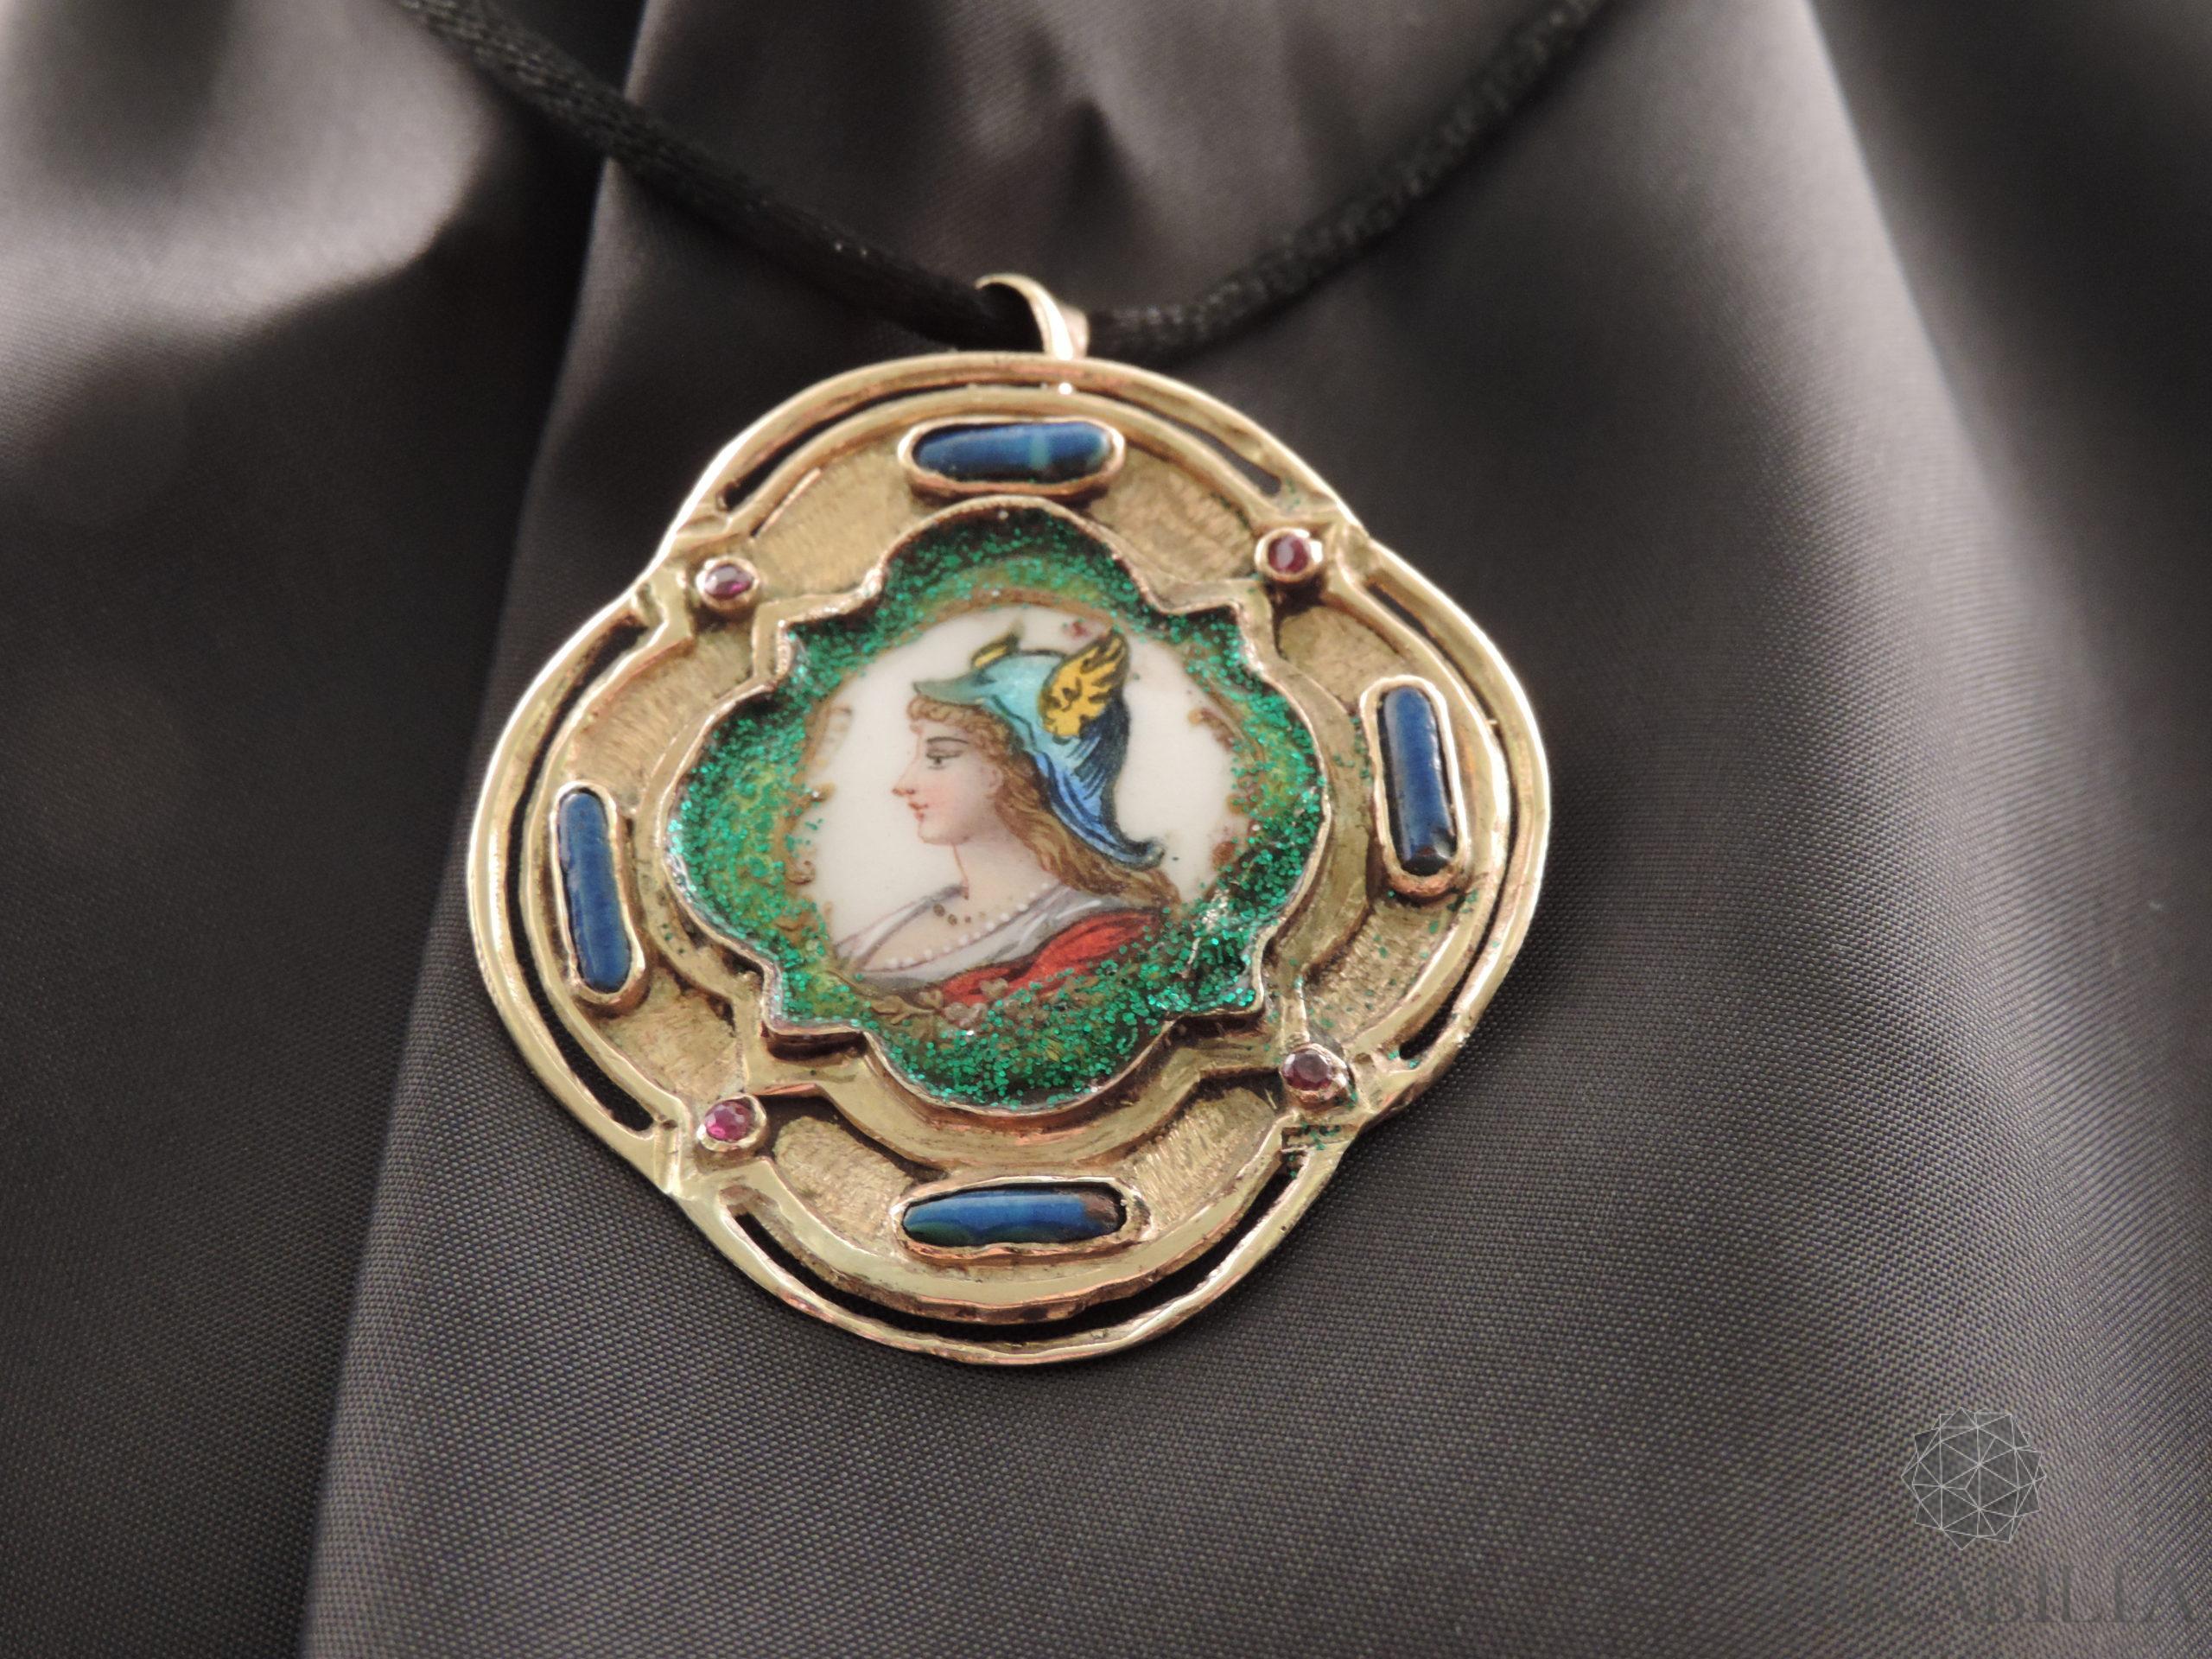 """Ciondolo-spilla """"Marianna di Francia"""" in oro, pietre preziose e smalti"""